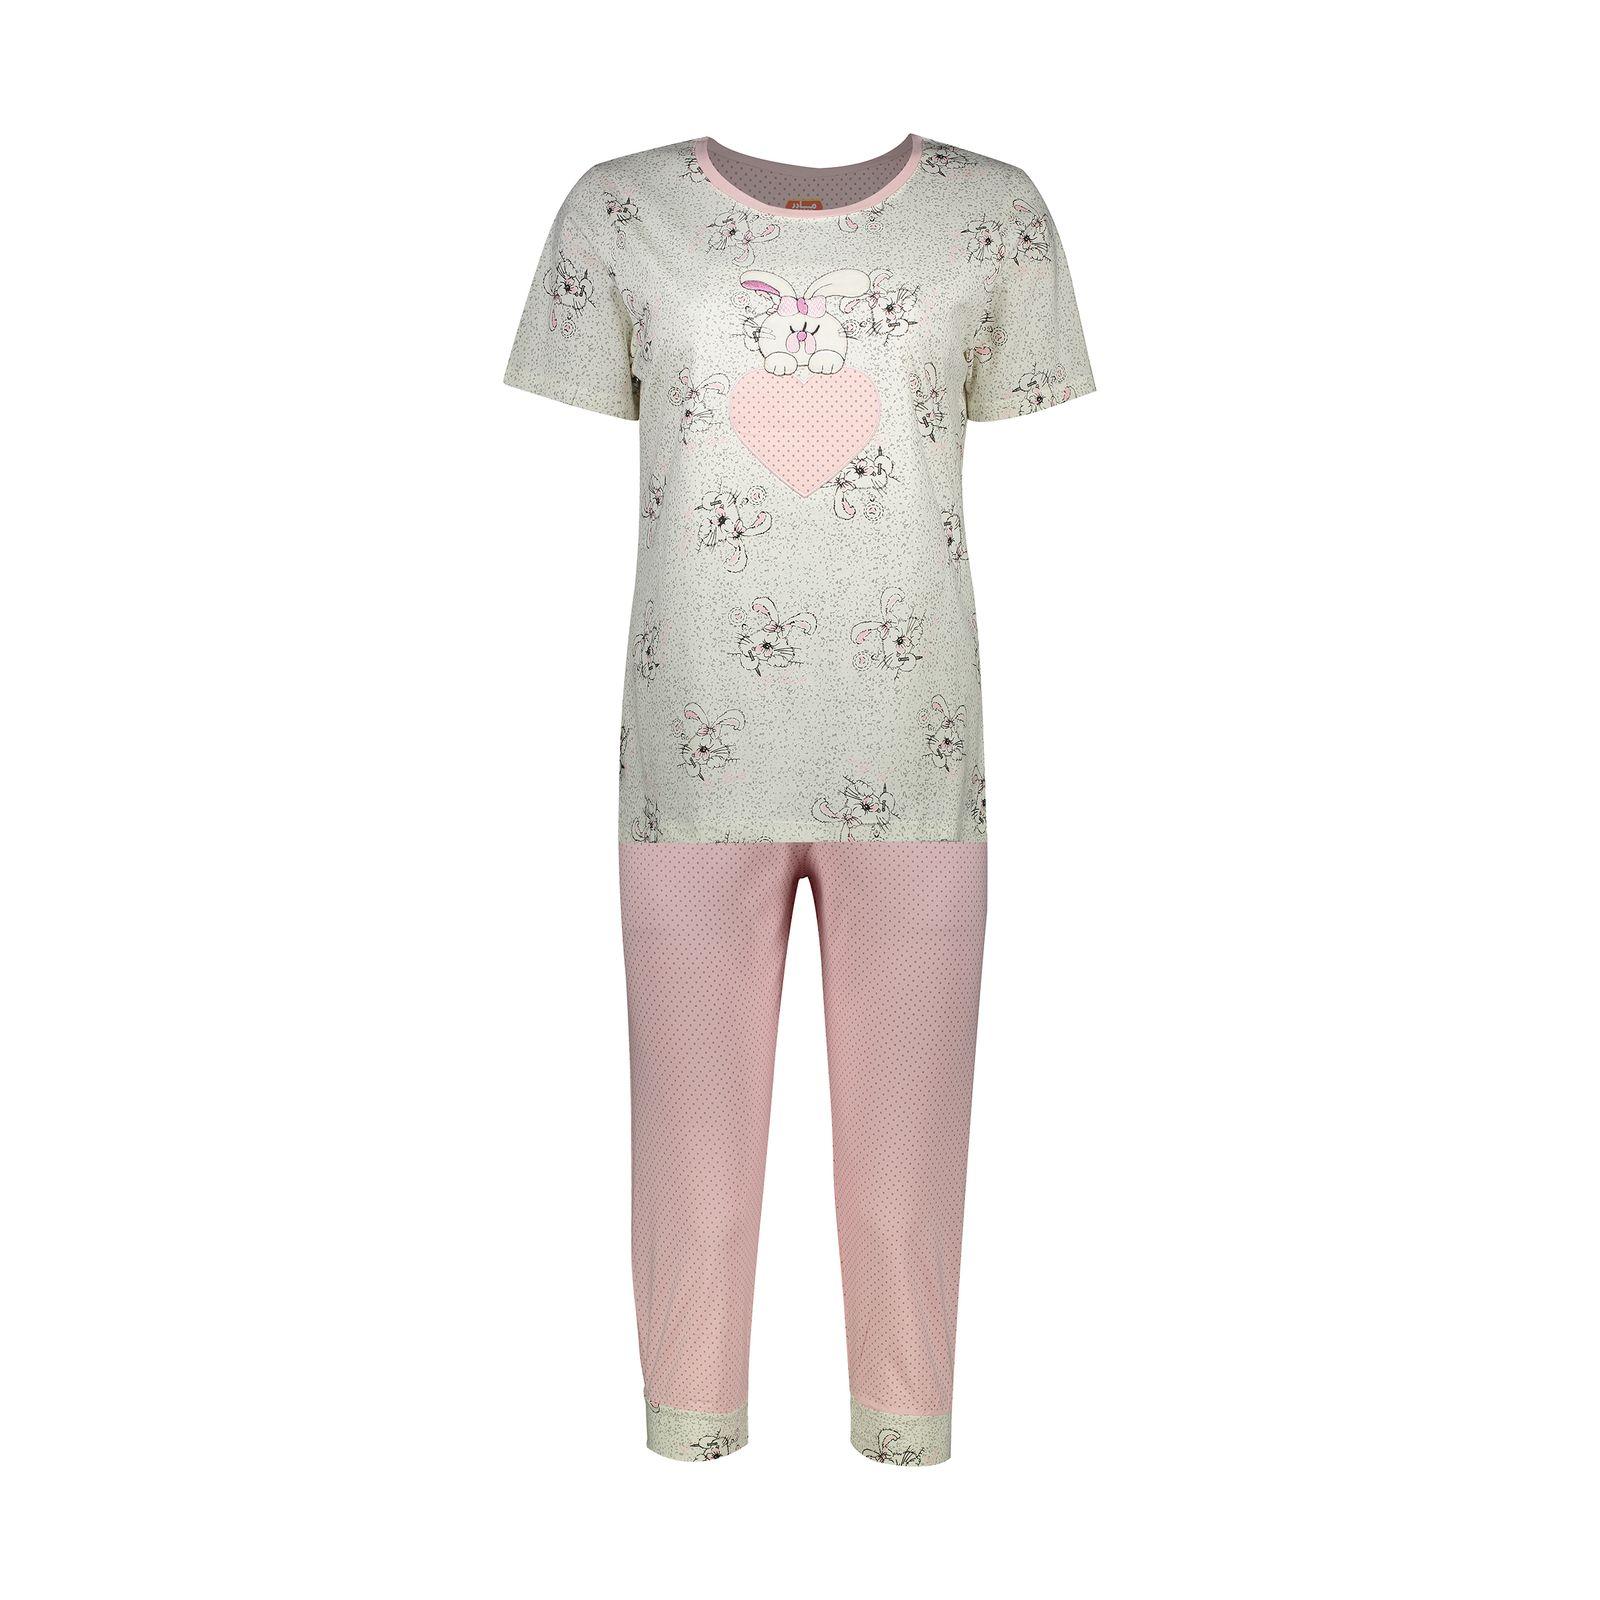 ست تی شرت و شلوارک راحتی زنانه مادر مدل 2041105-84 -  - 2